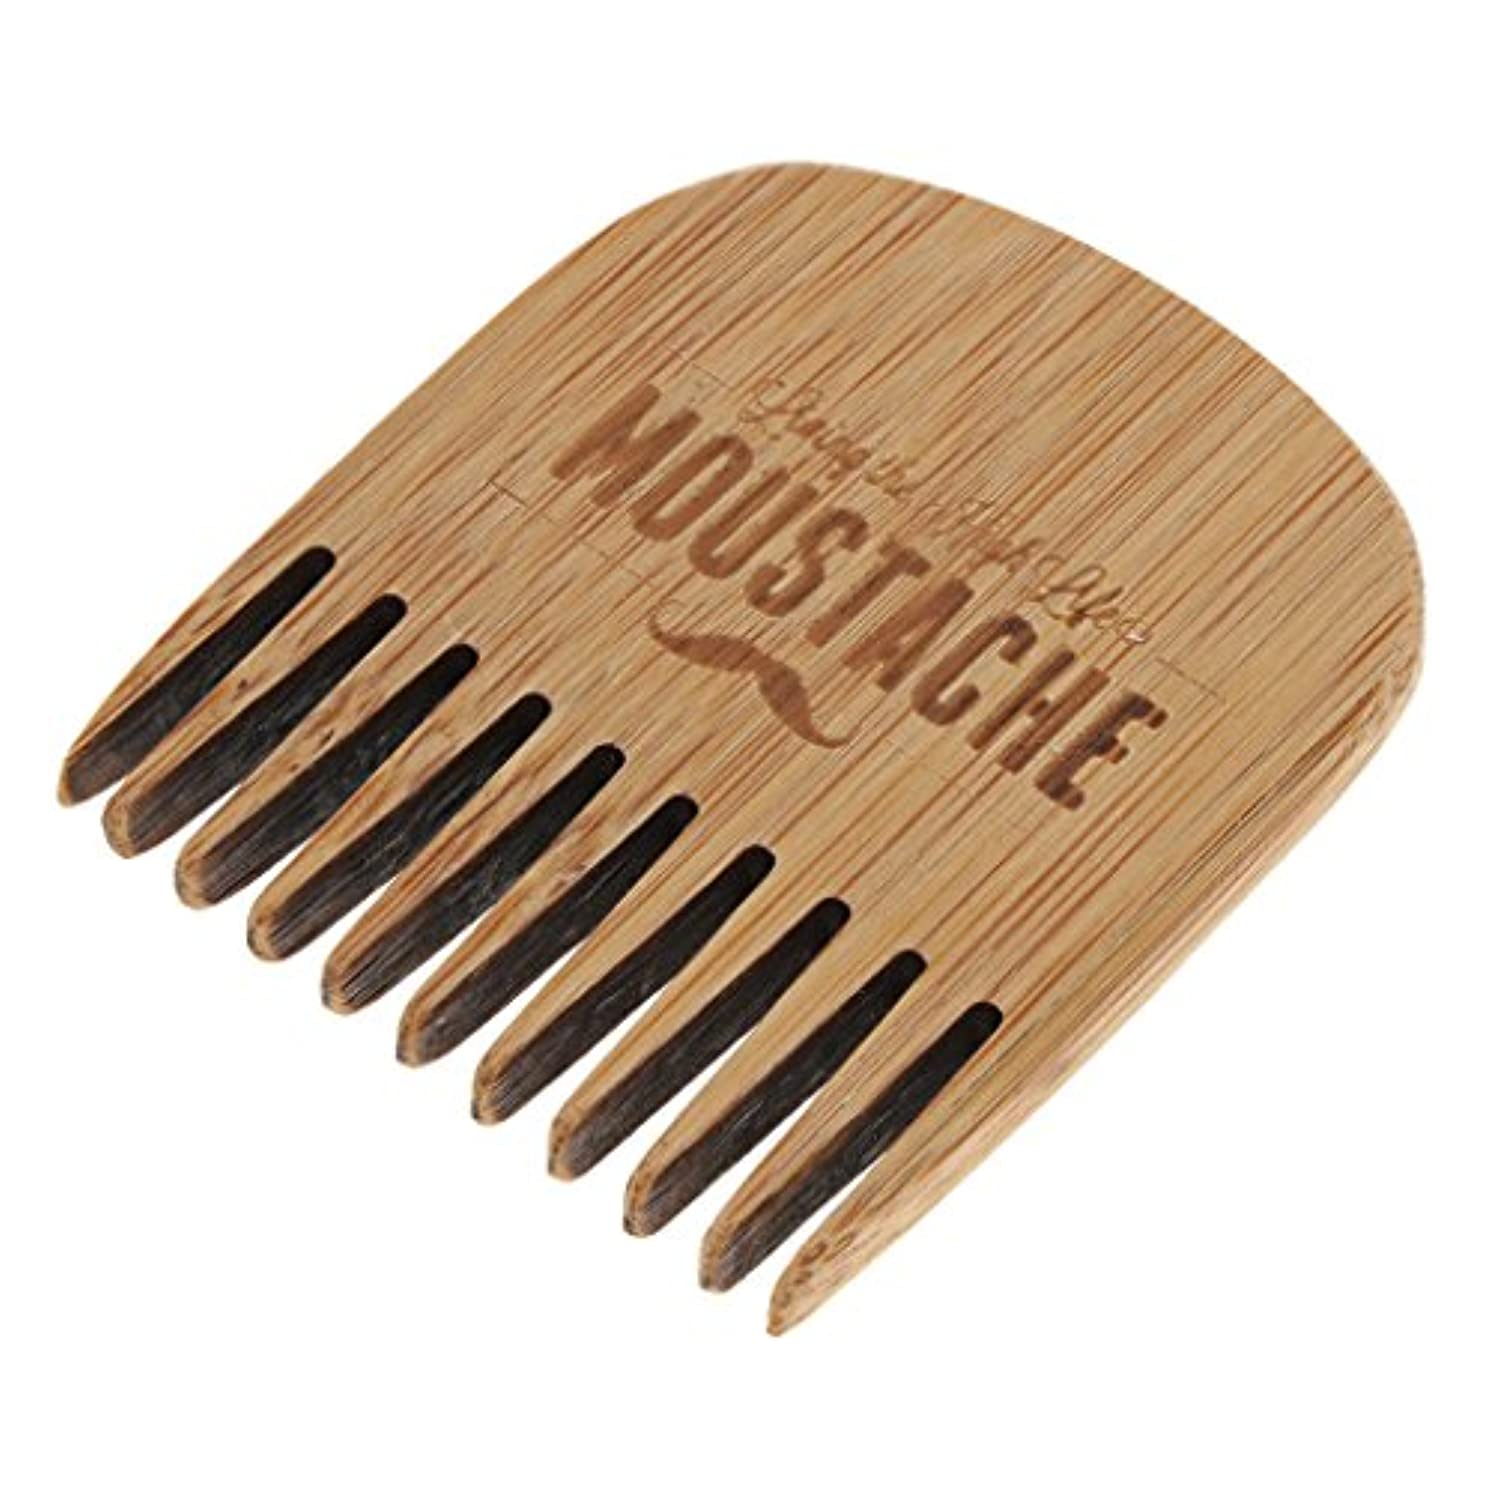 シャープ親愛な上にヘアコーム ヘアダイコーム ヘアブラシ 木製櫛 木製コーム 持ち運び 便利 旅行用品